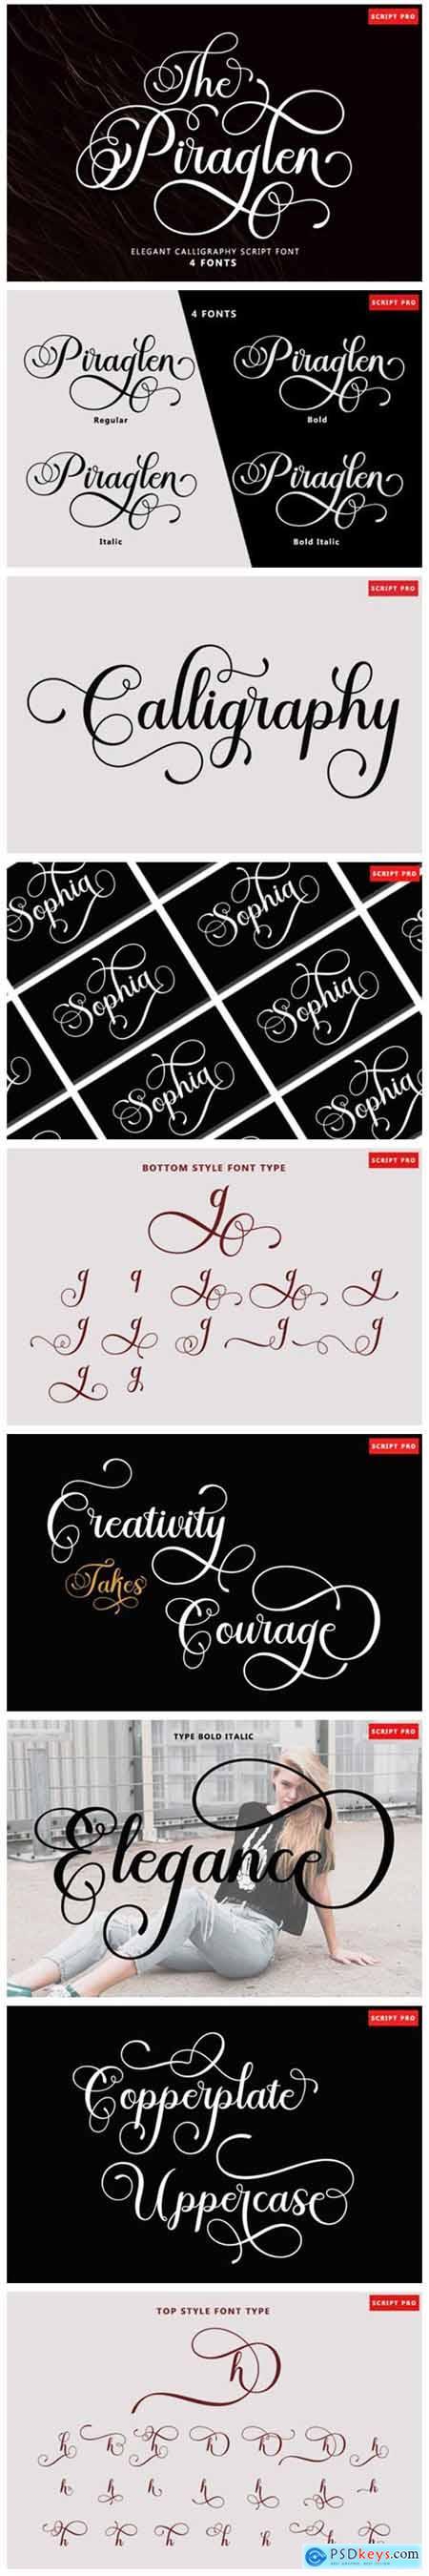 The Piraglen Font